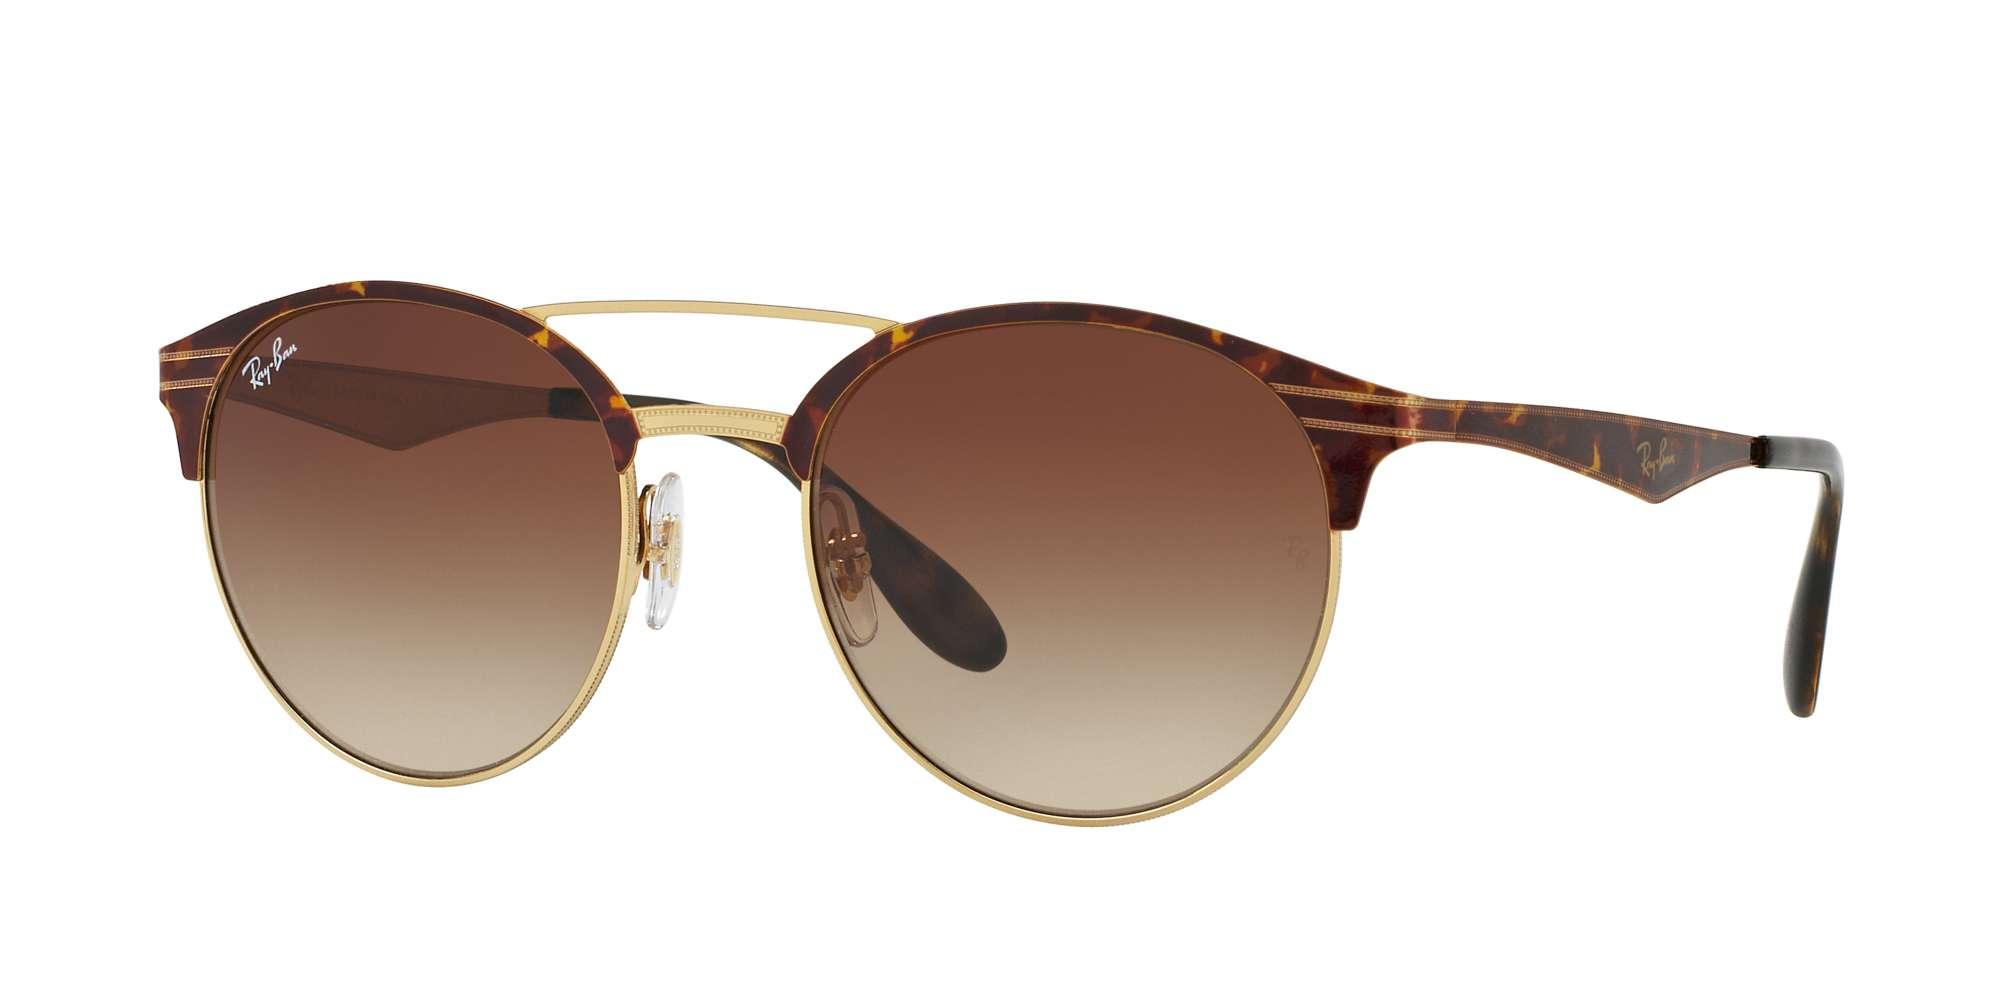 GOLD/TOP HAVANA / BROWN GRADIENT lenses